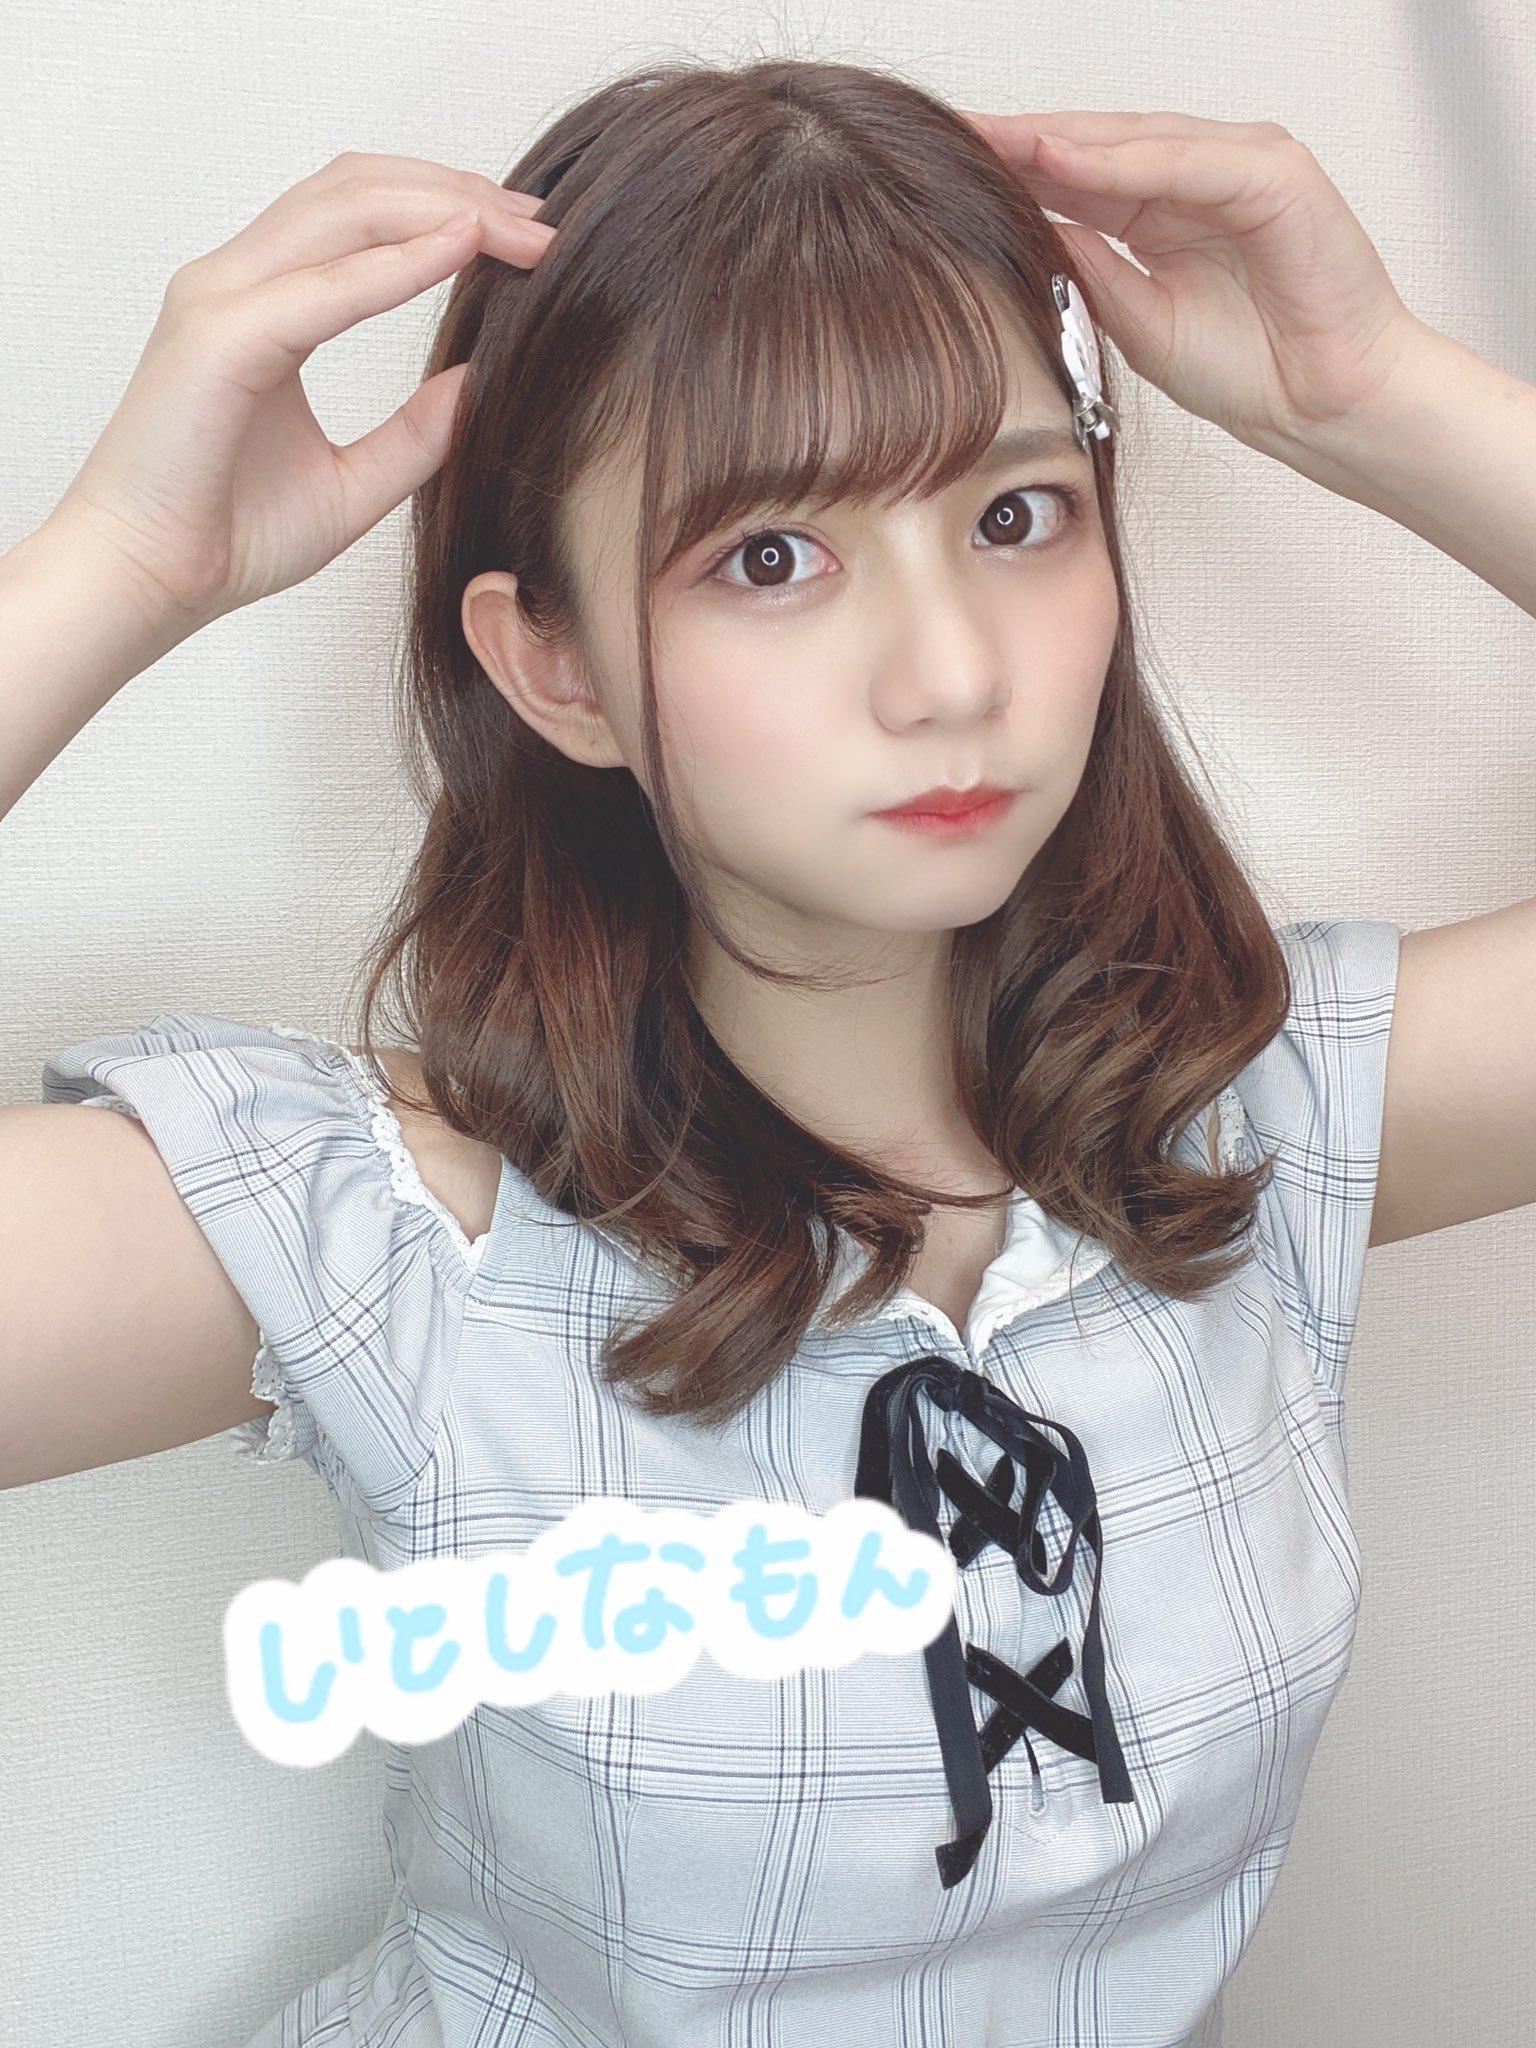 pon_chan216 1266694393831886853_p0